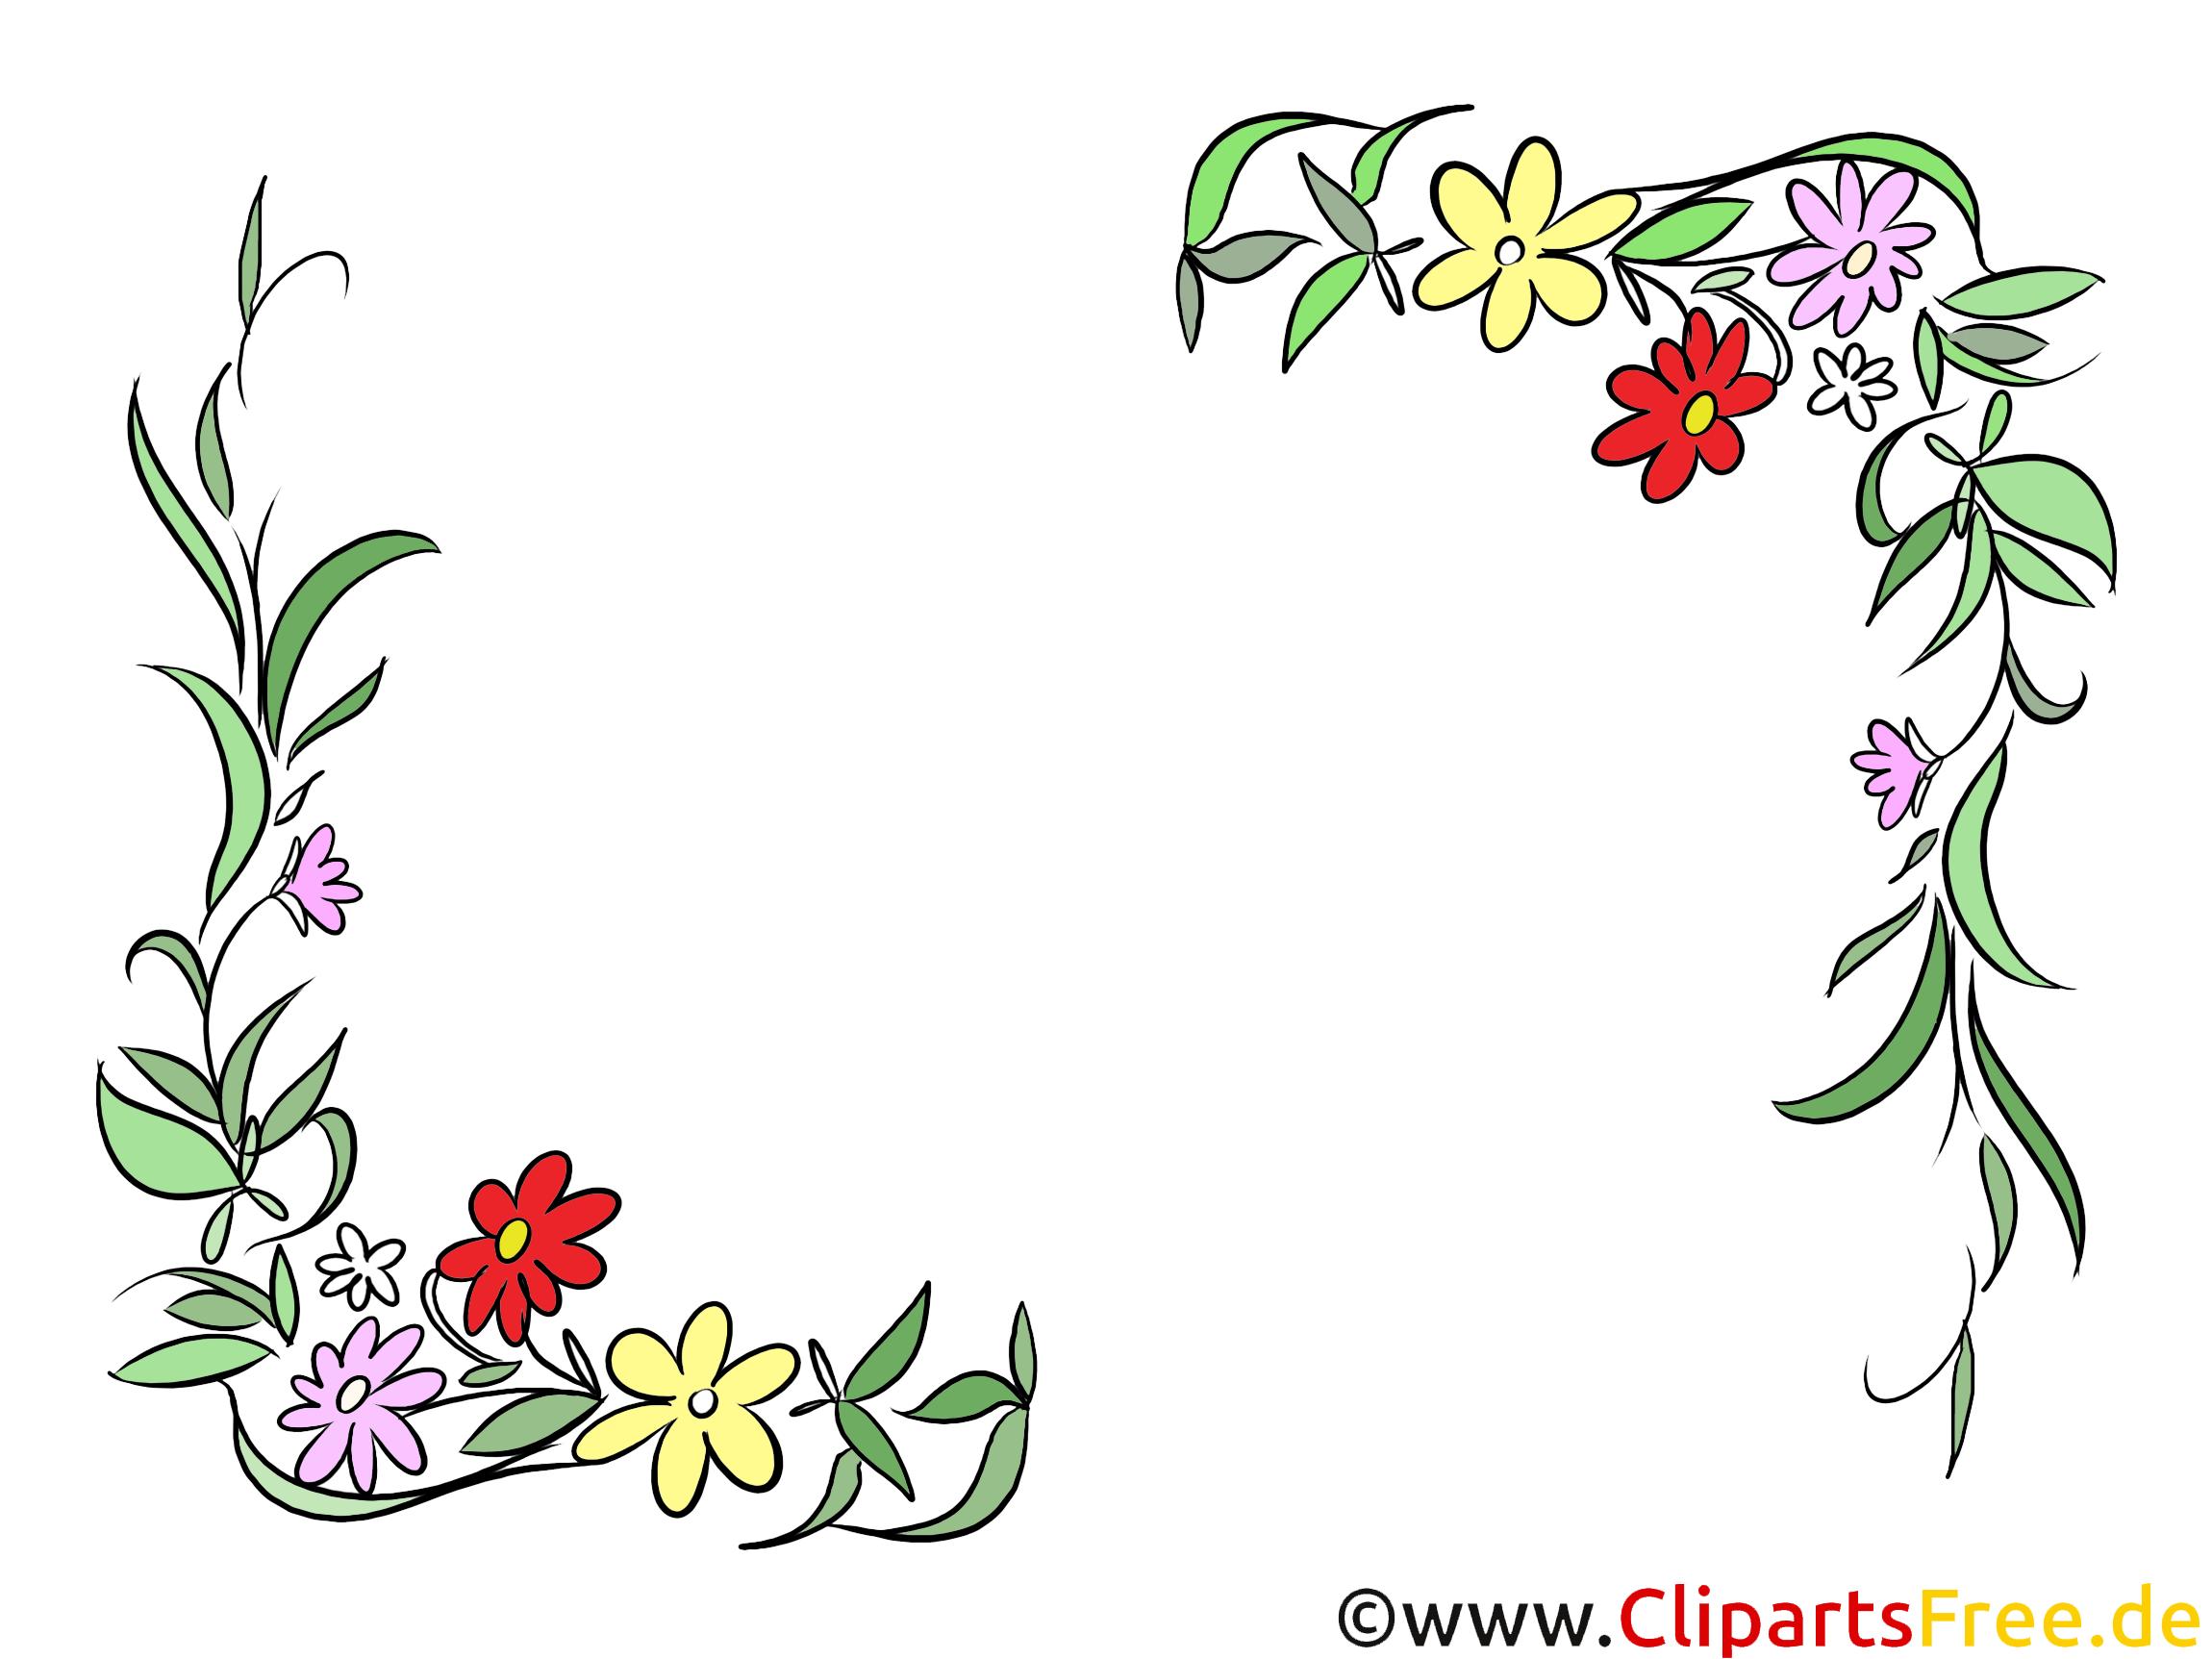 Blumenranken Sommer, Frühling Clipart